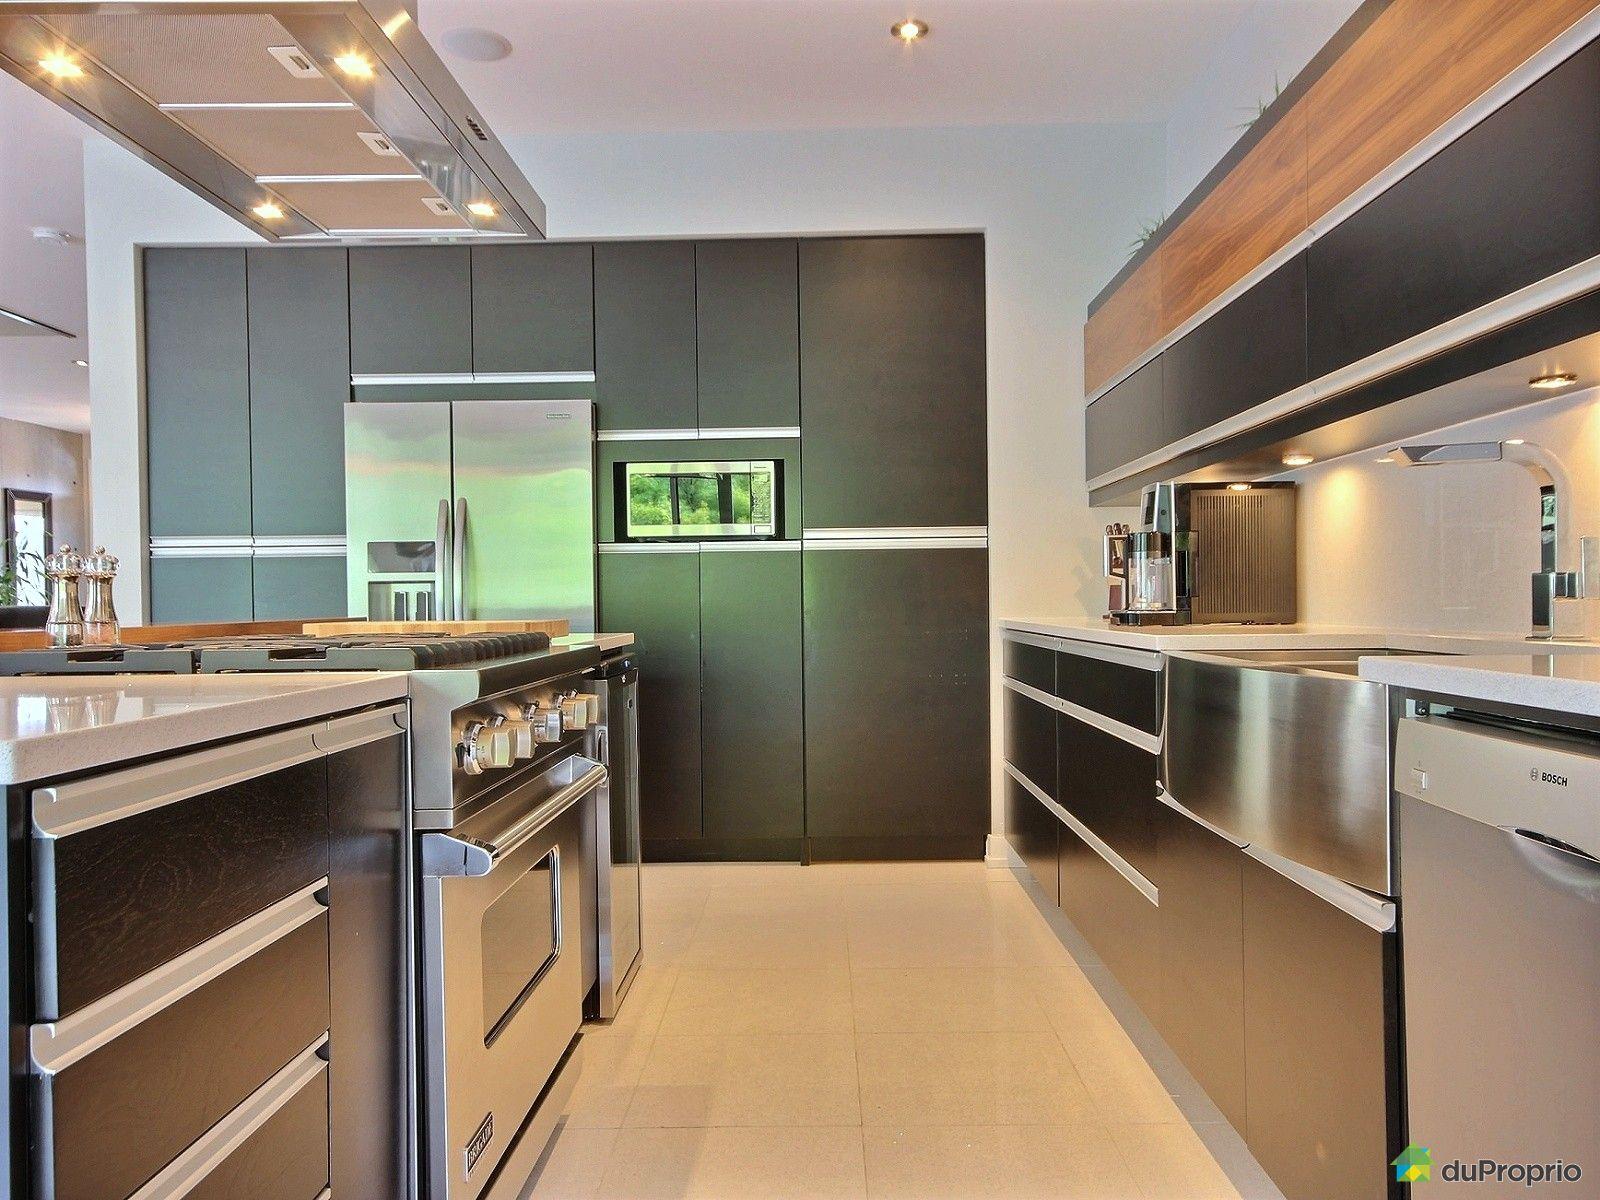 cuisine deco design st luc id e inspirante pour la conception de la maison. Black Bedroom Furniture Sets. Home Design Ideas